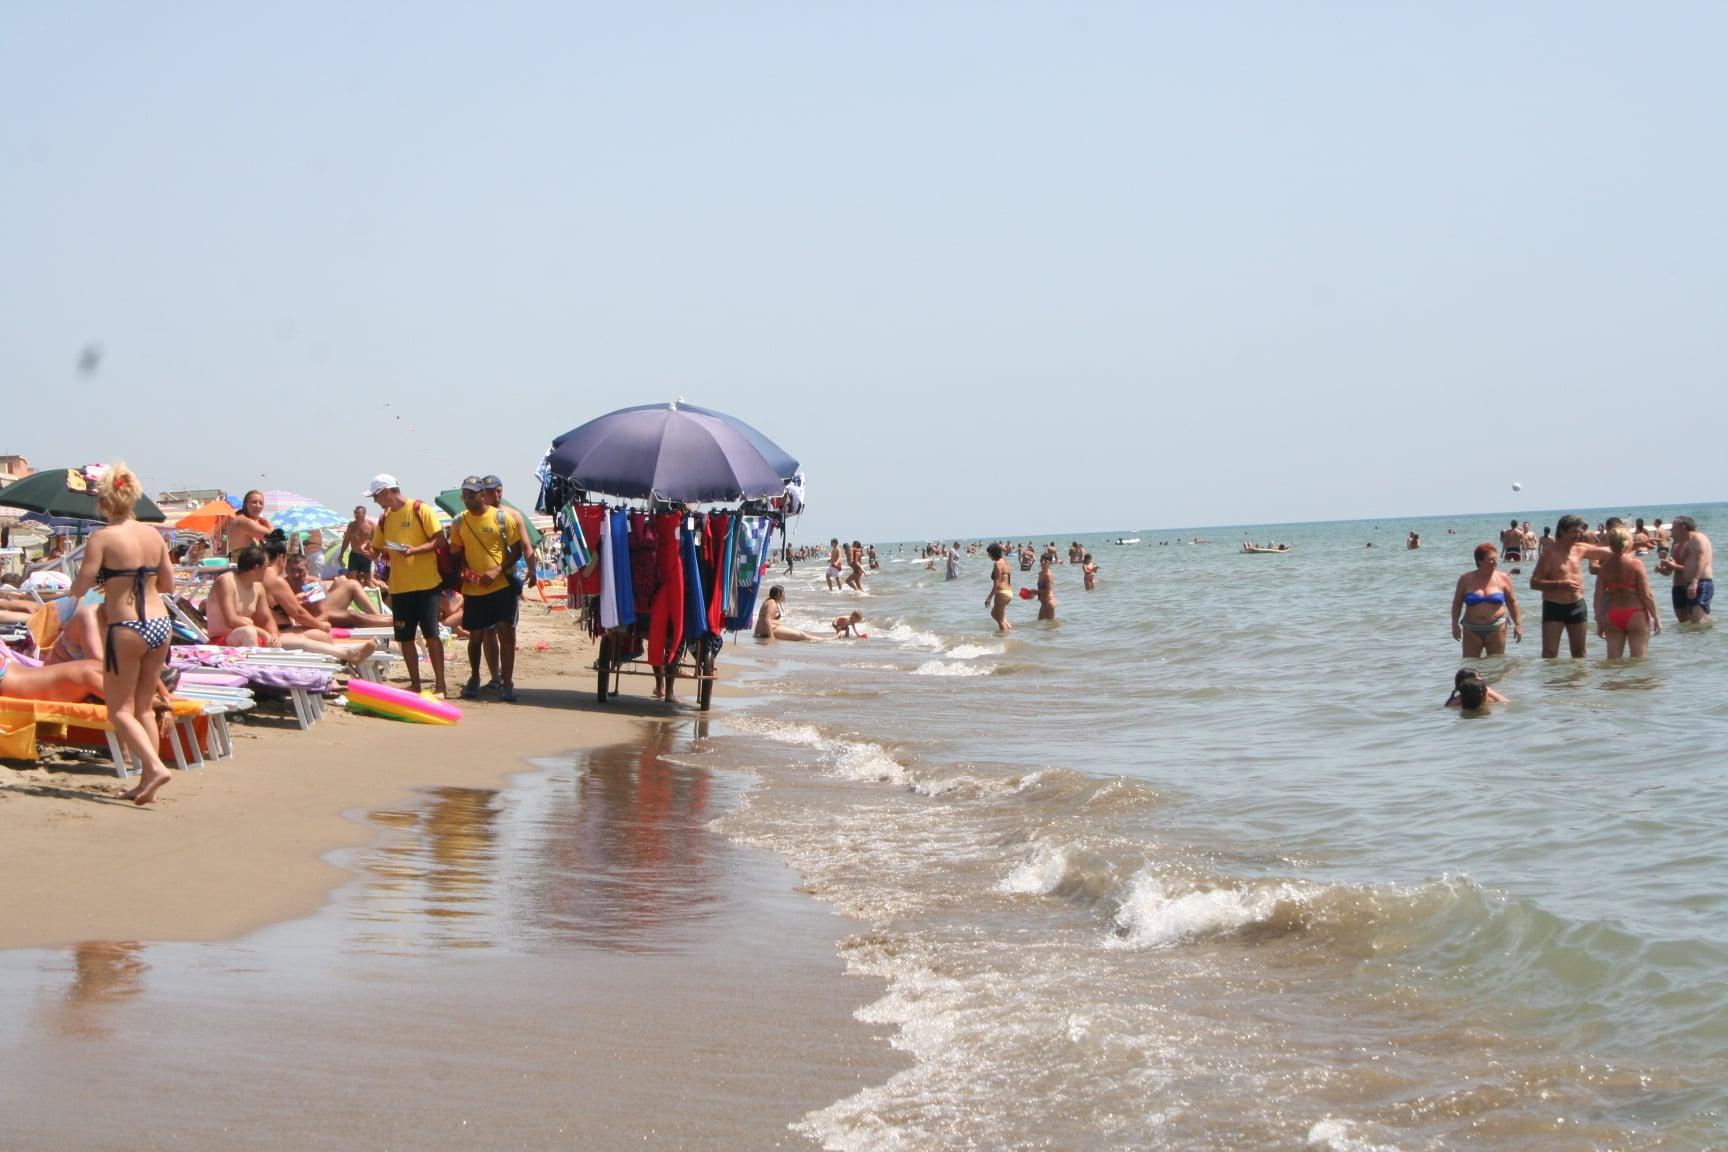 In spiaggia tra i bagnanti scoppia una violenta rissa tra due donne, il motivo un uomo, sedata la lite è corsa al gioco del lotto